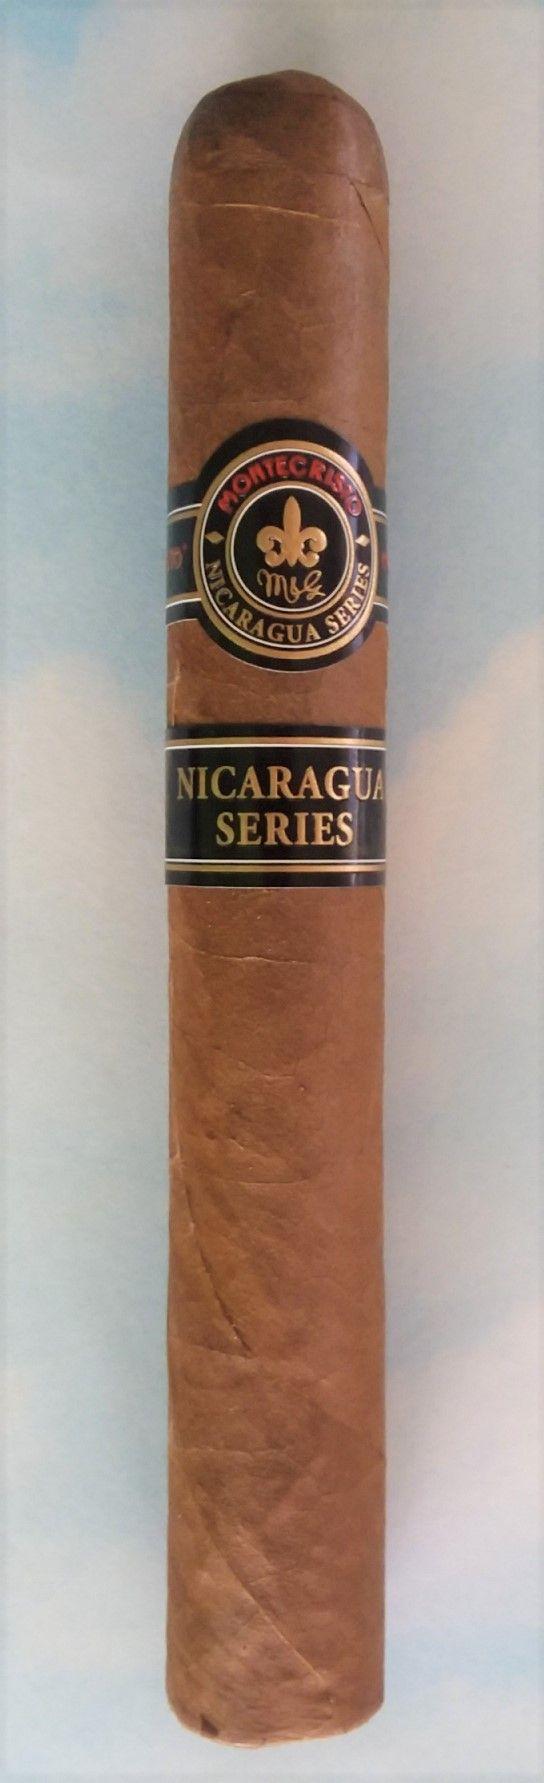 Montecristo Nicaragua Series Cigar